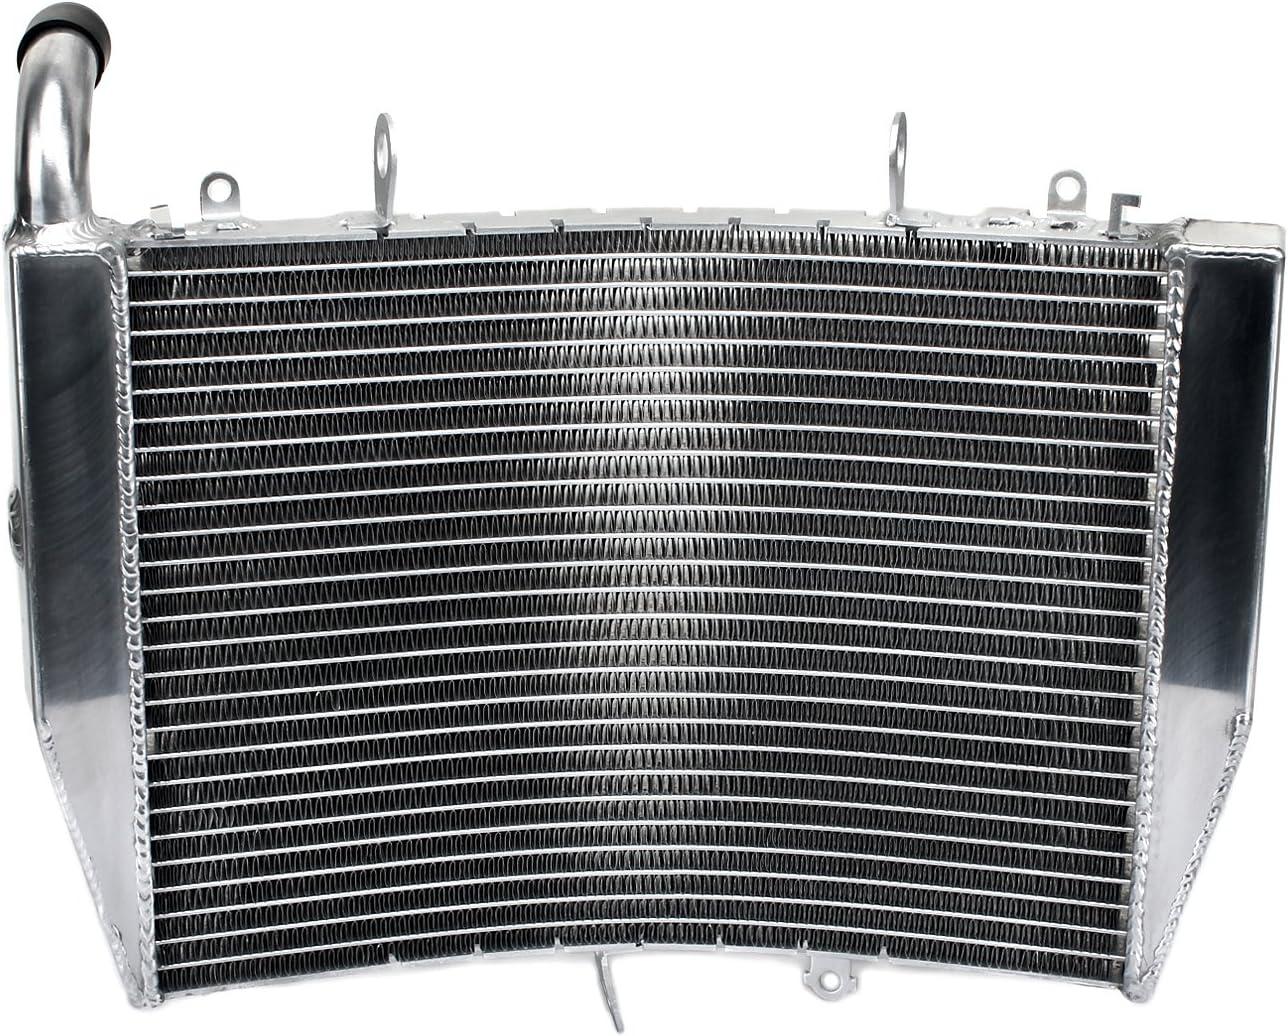 refrigeraci/ón del motor TARAZON Moto Radiador Enfriamiento de Aluminio para H.o.n.d.a CBR600RR CBR 600 RR 2007 2008 2009 2010 2011 2012 2013 2014 2015 2016 2017